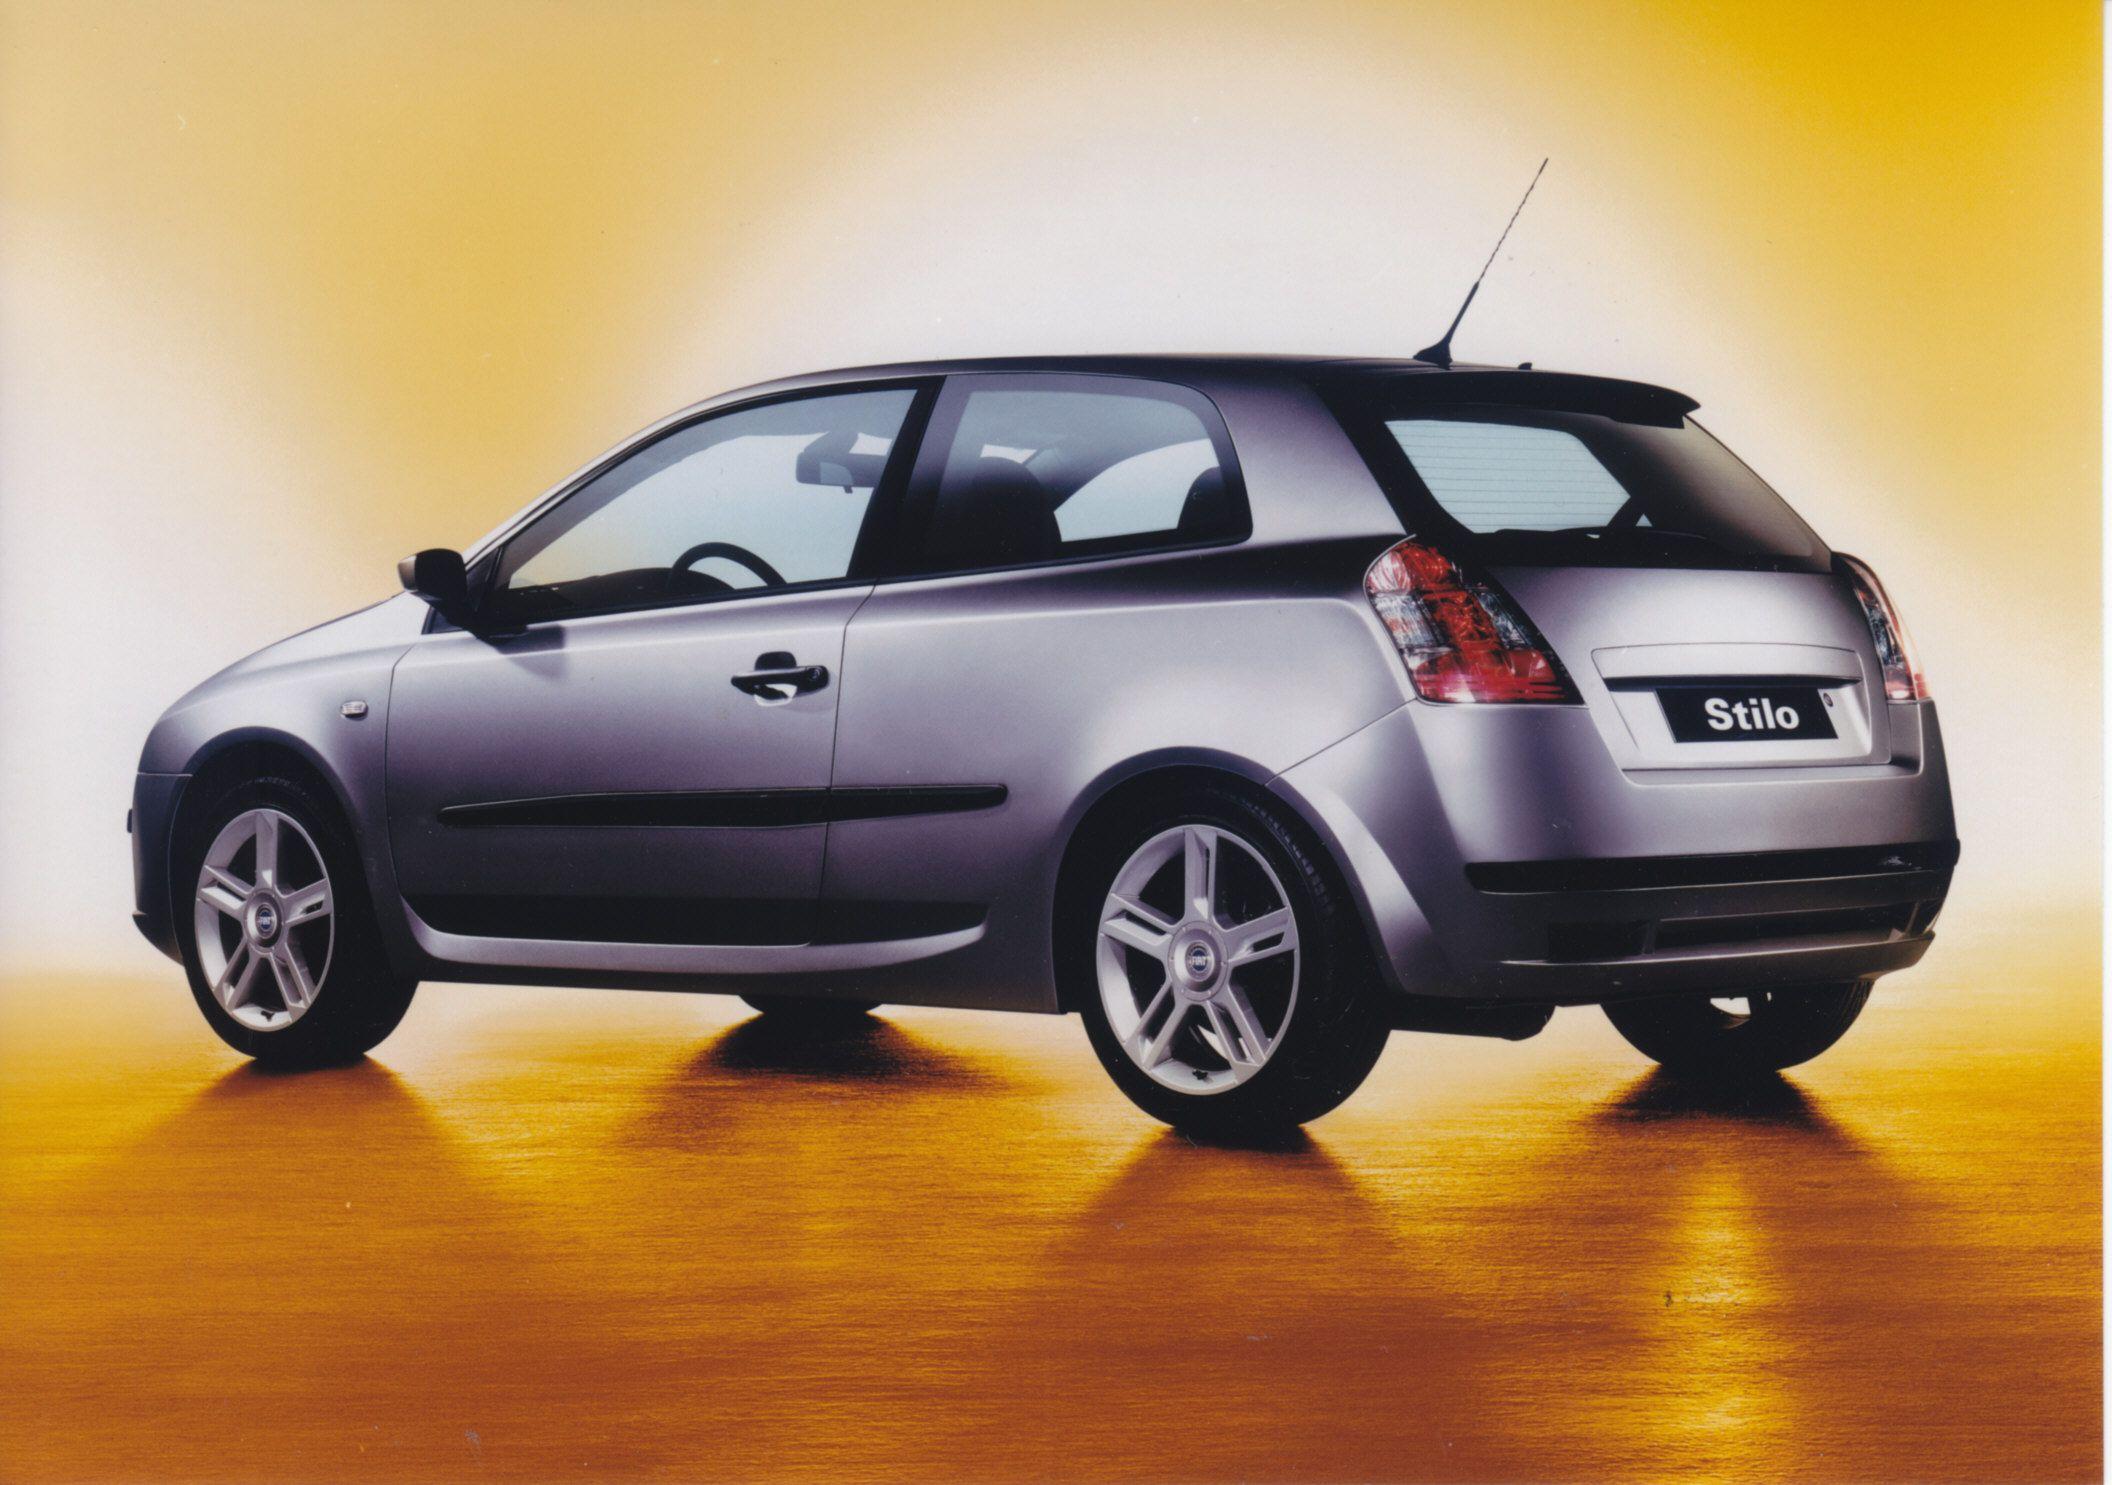 Fiat stilo 2 door hatchback